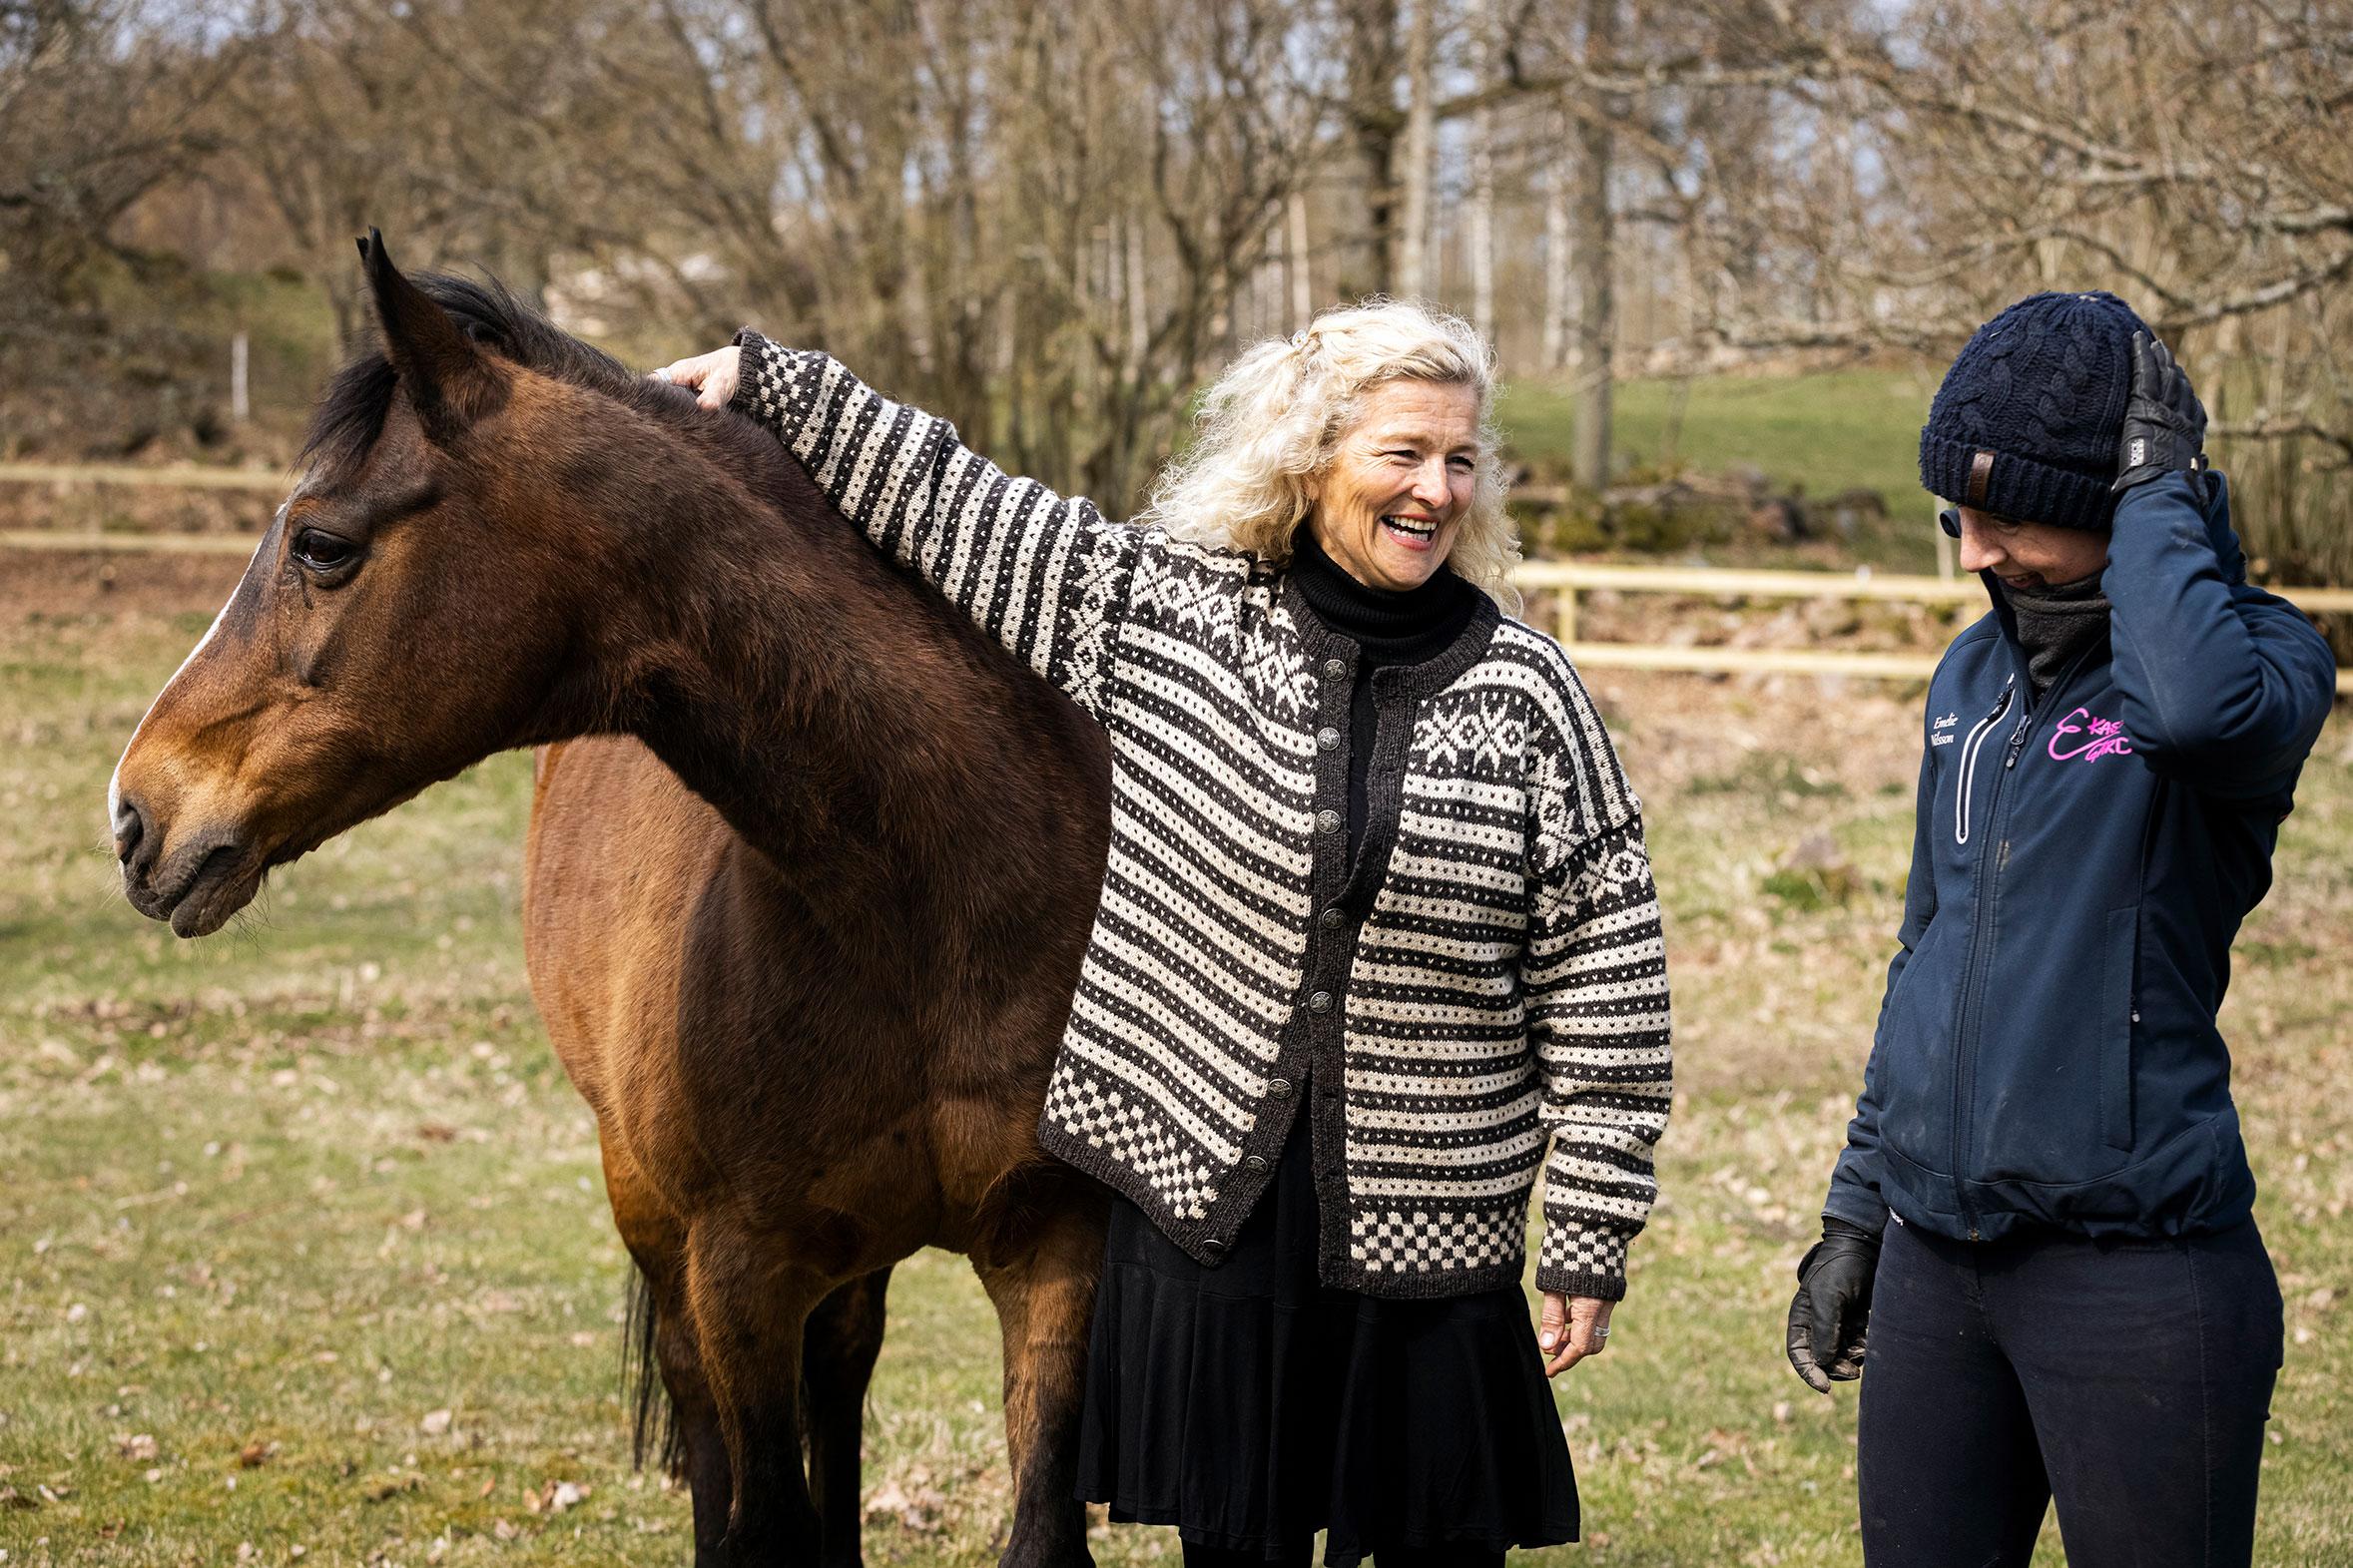 Ponnymamma08